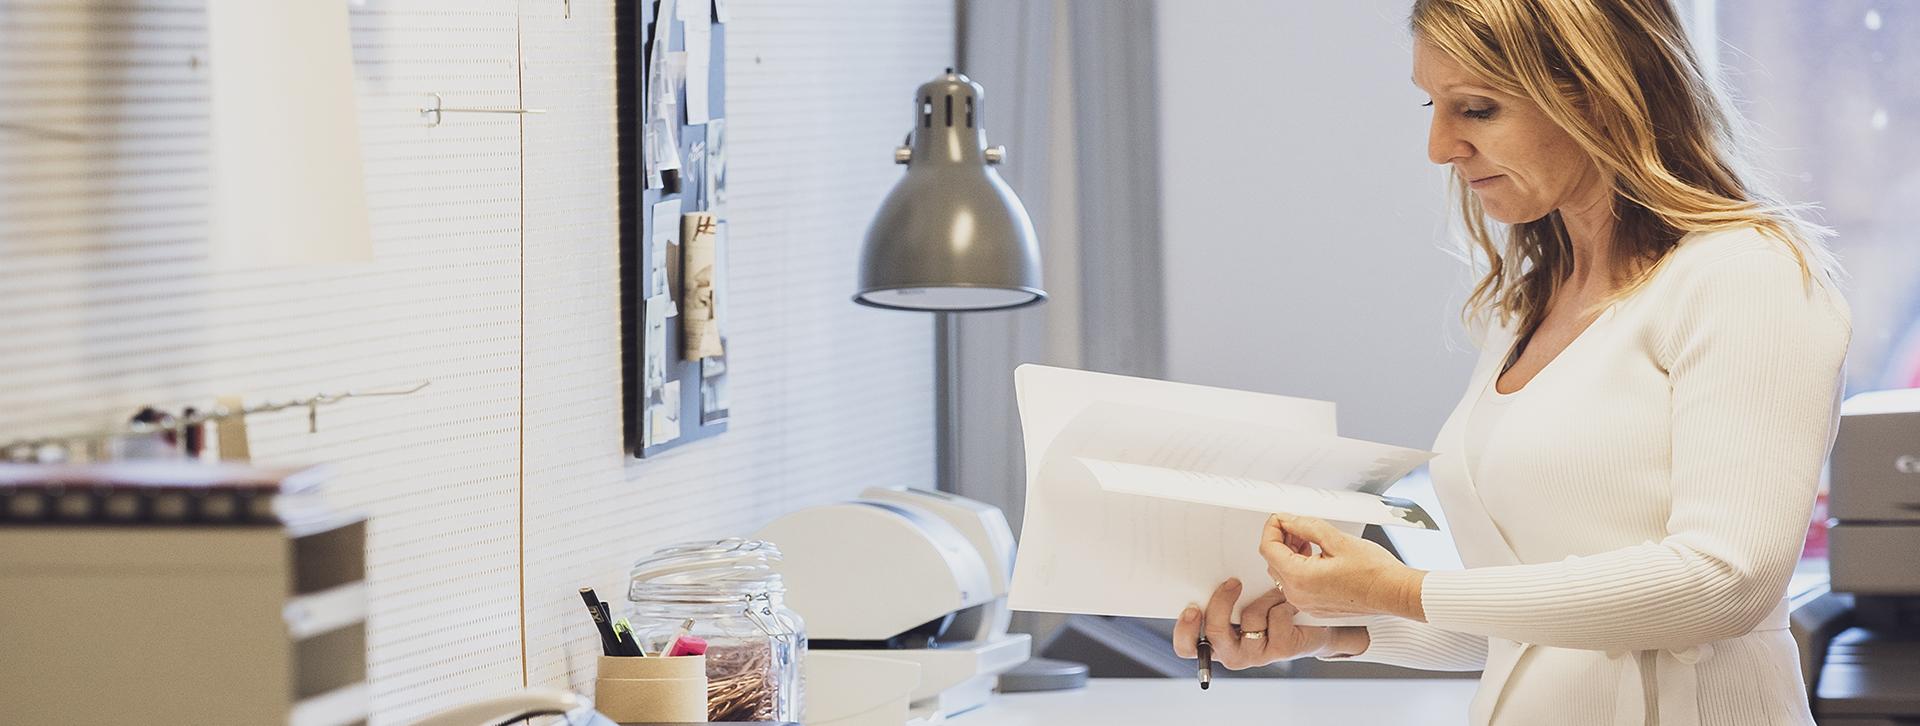 Näringsliv - Kvinna som bläddrar och tittar i papper, på kontoret